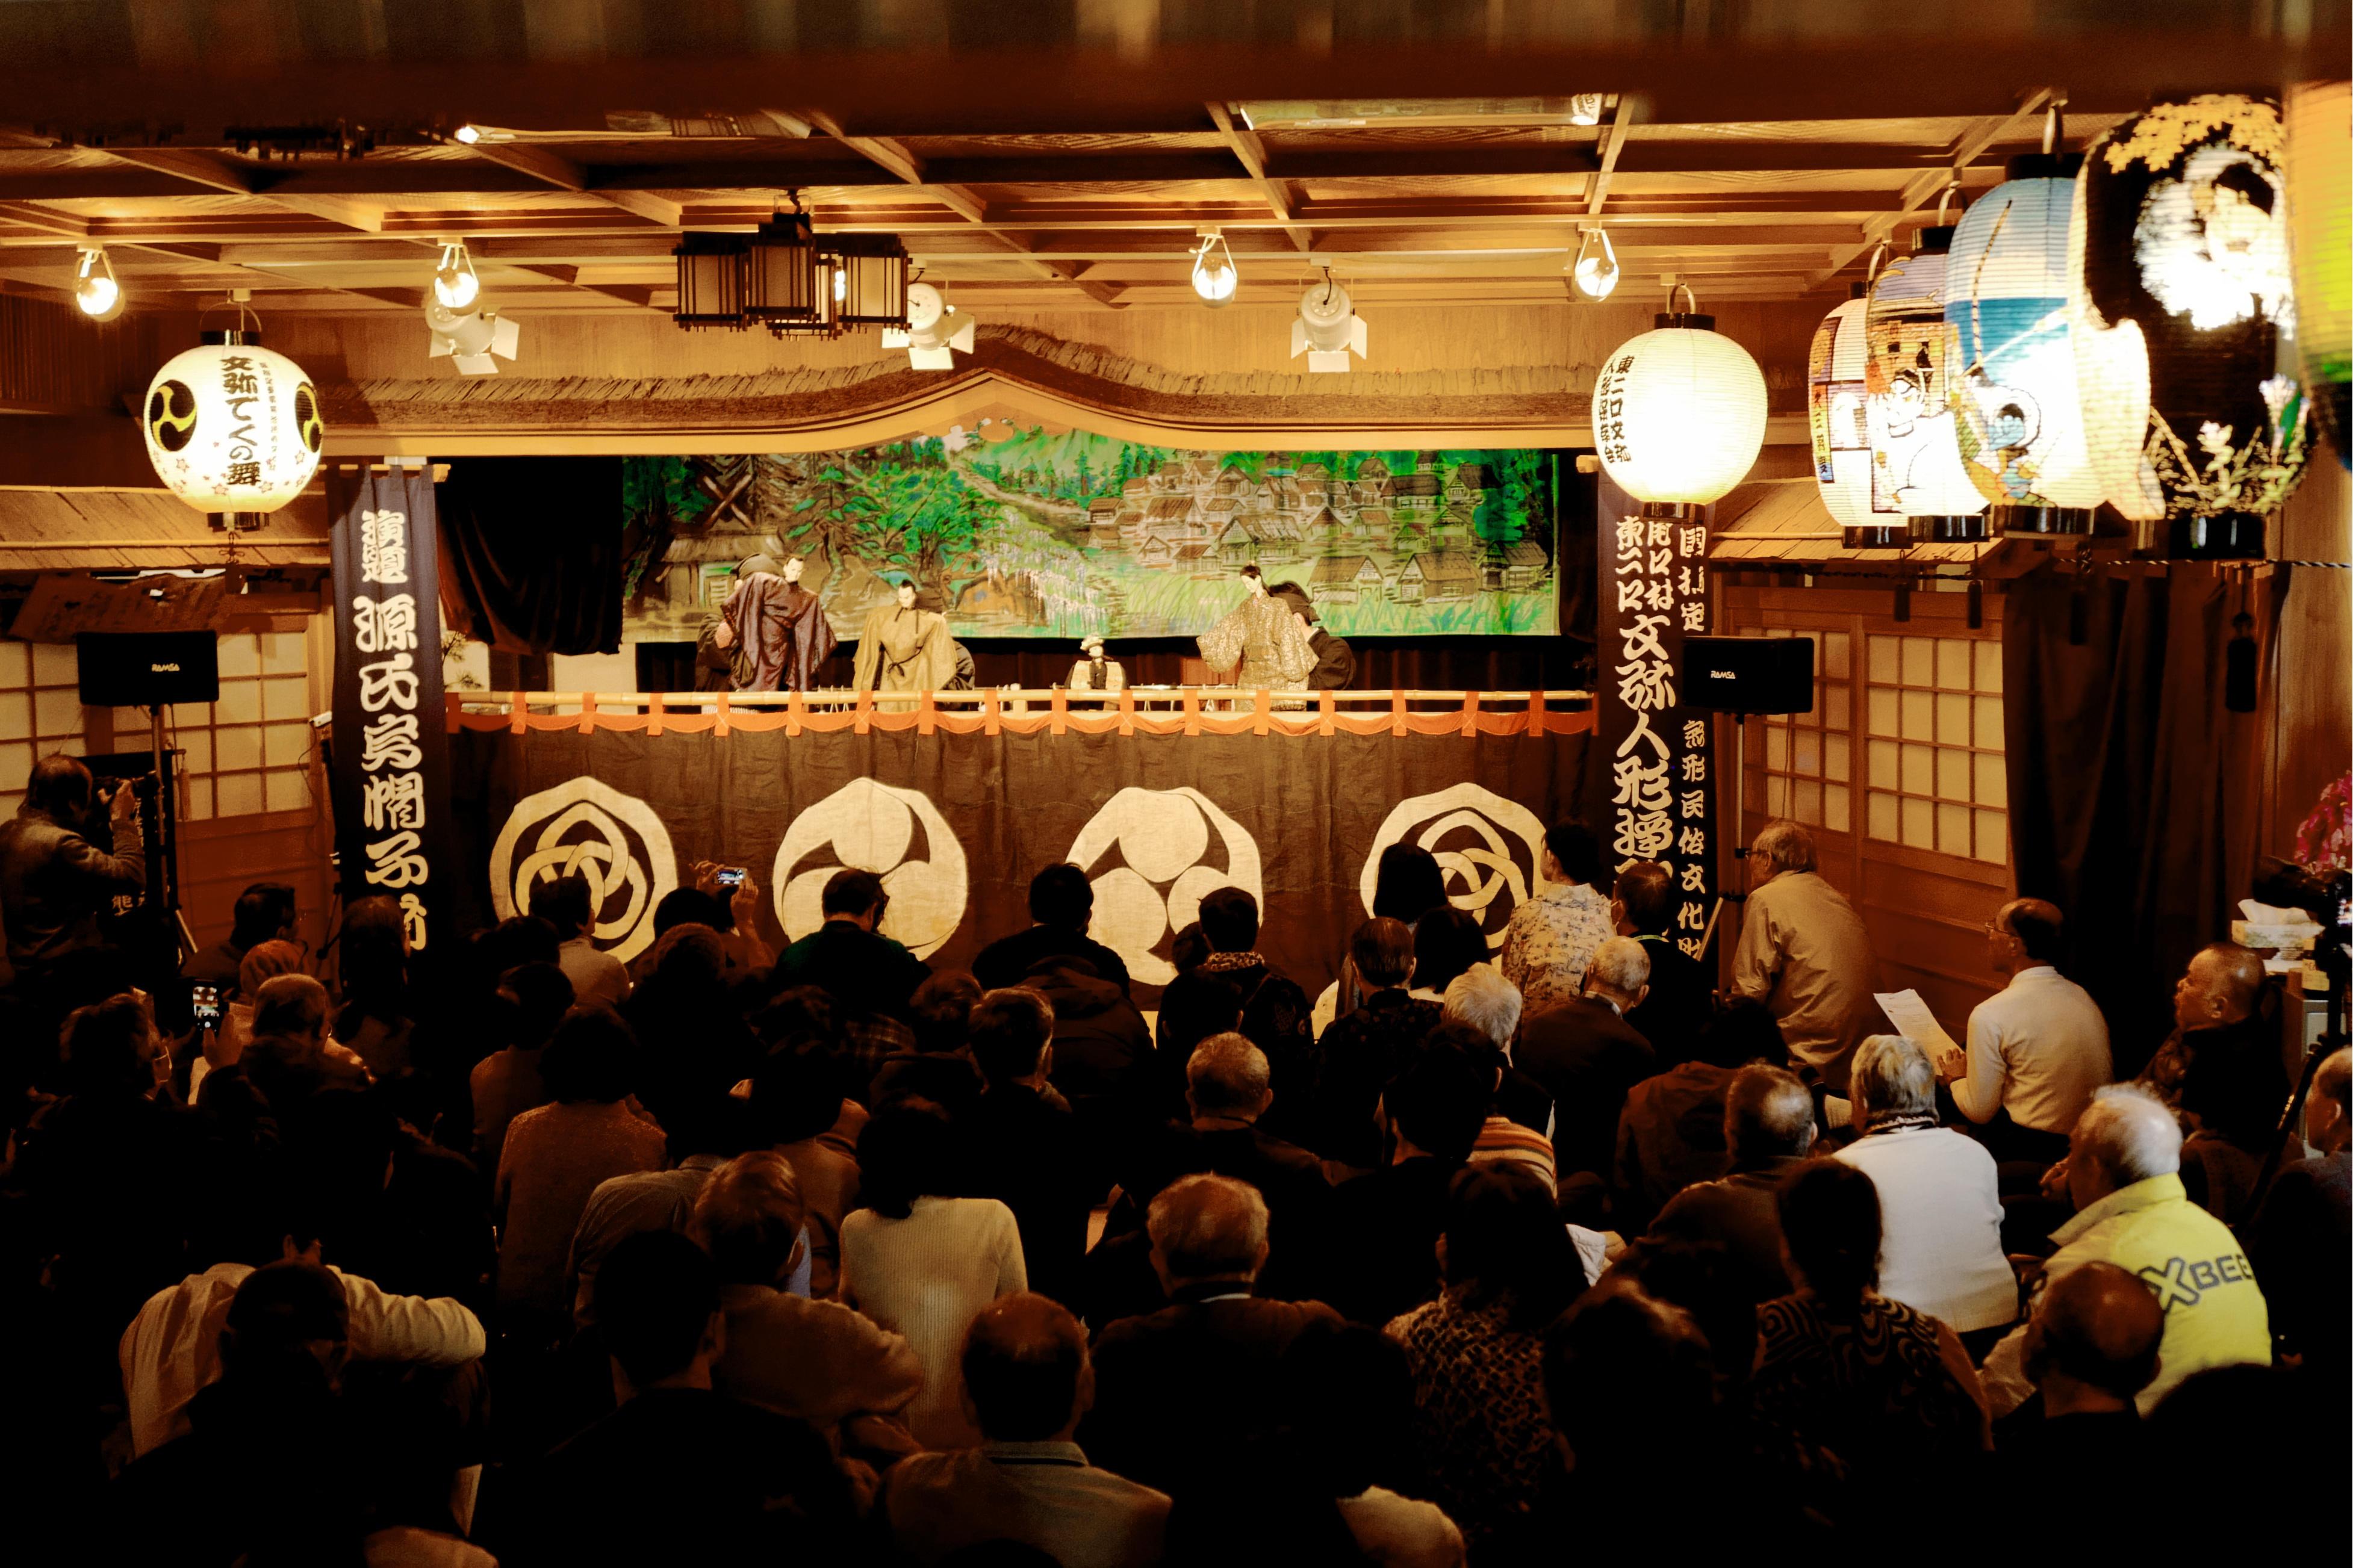 白山市東二口地区に約350年伝承される人形浄瑠璃「でくの舞」。国立文楽劇場での上演に金沢工業大学の学生が参加。